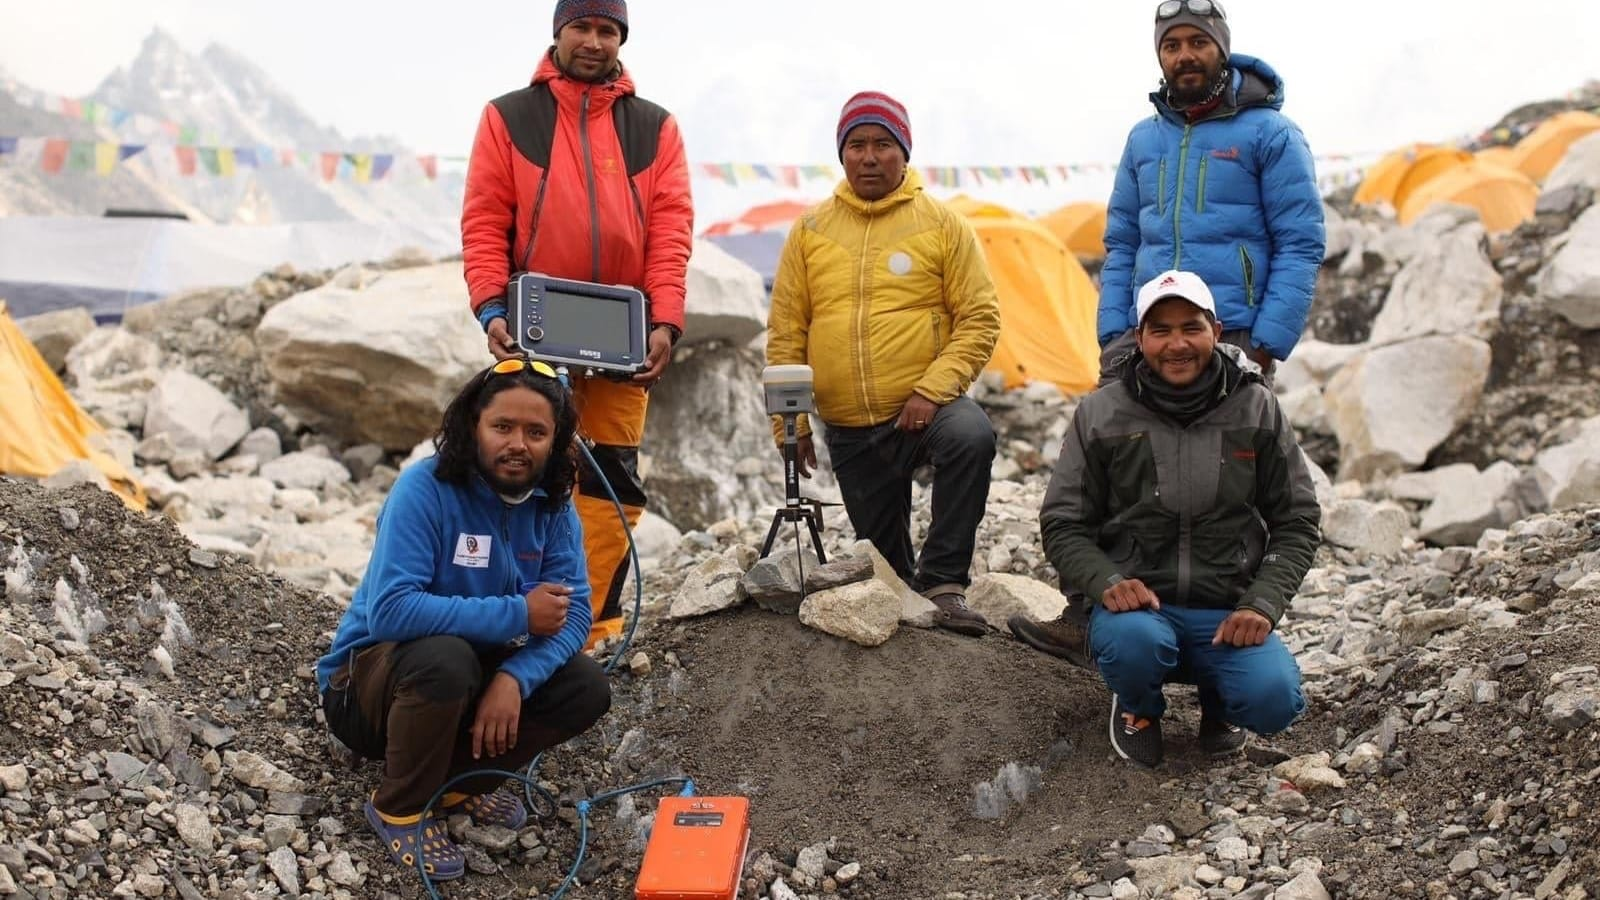 ماذا يحصل حقاً لجسم متسلقي قمة جبل إيفرست؟